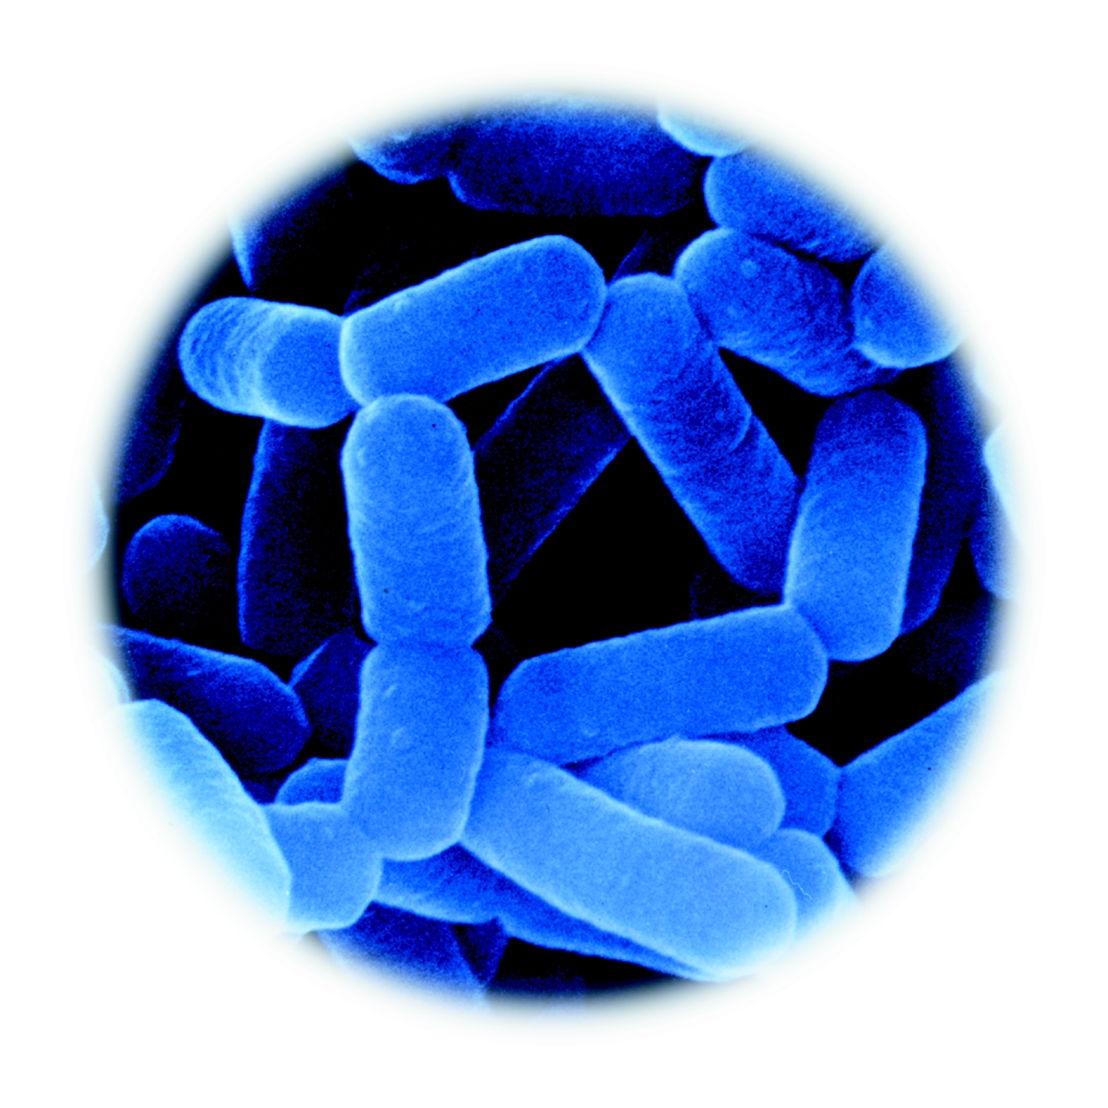 Bactérie LcS